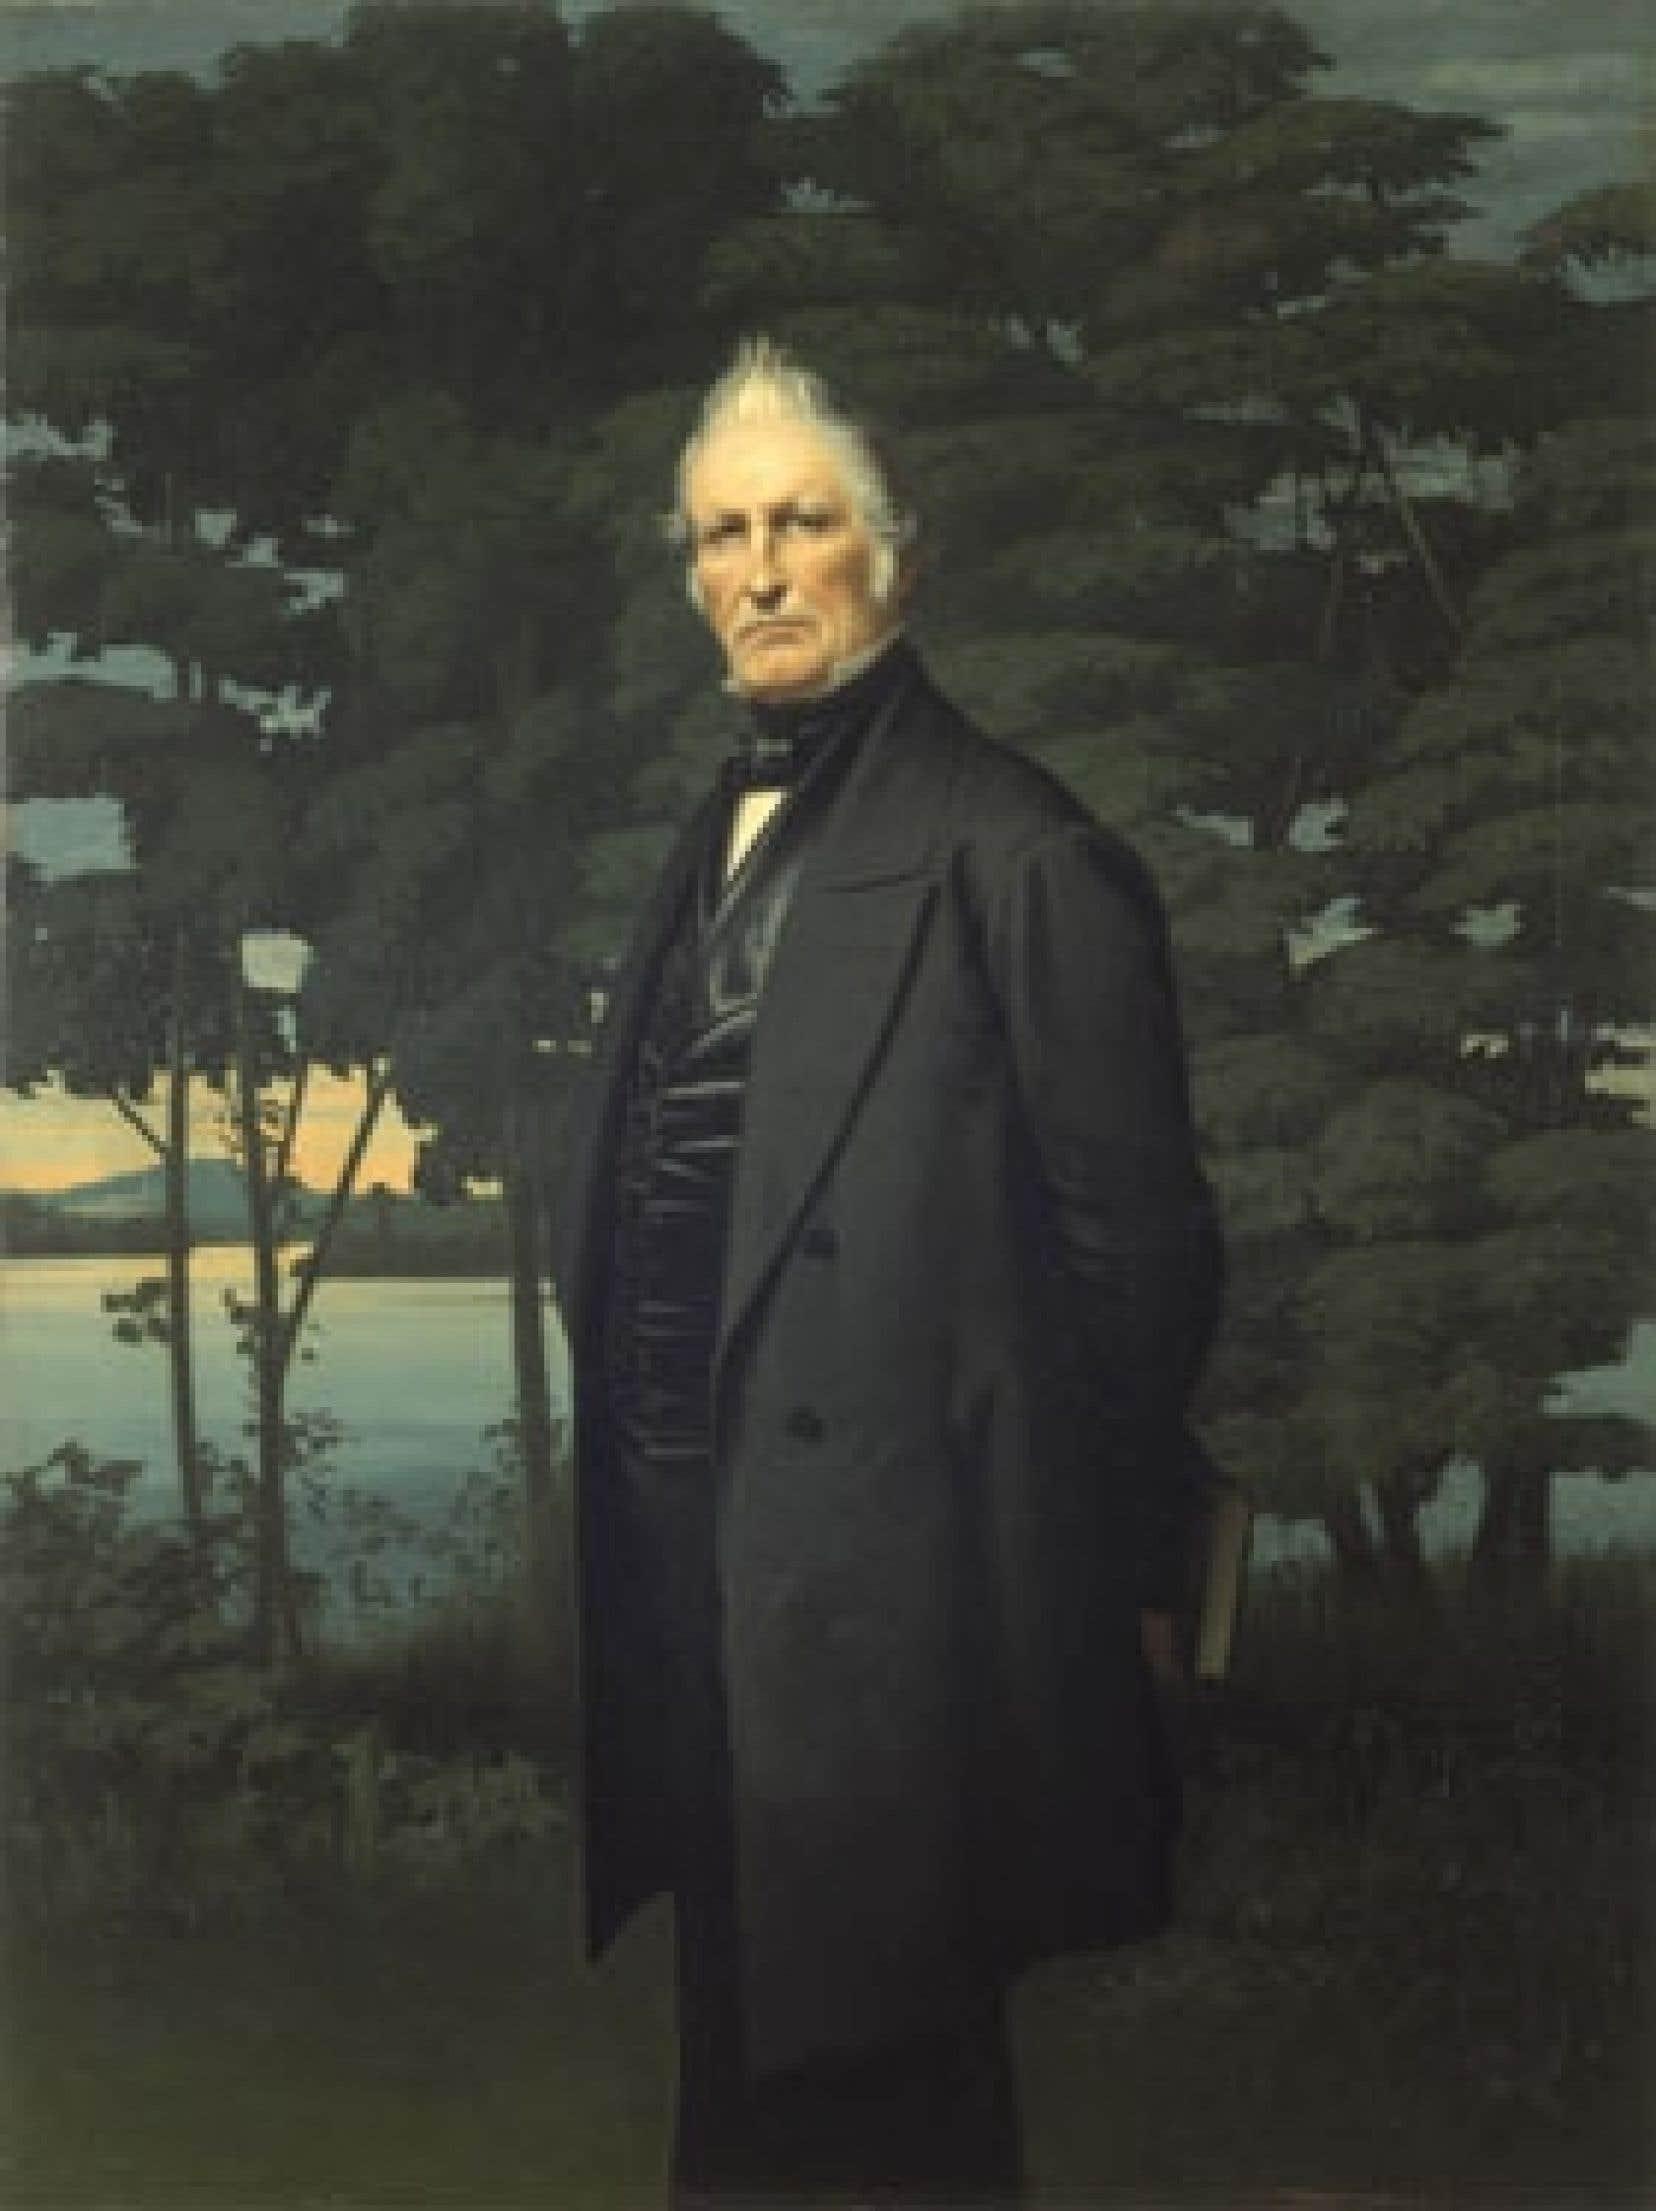 Une toile de Napoléon Bourassa représentant Louis-Joseph Papineau, l'un des acteurs clés de la rébellion des Patriotes de 1837. Cet événement est maintenant mentionné dans la version définitive du programme d'histoire de 3e et 4e secondaire.